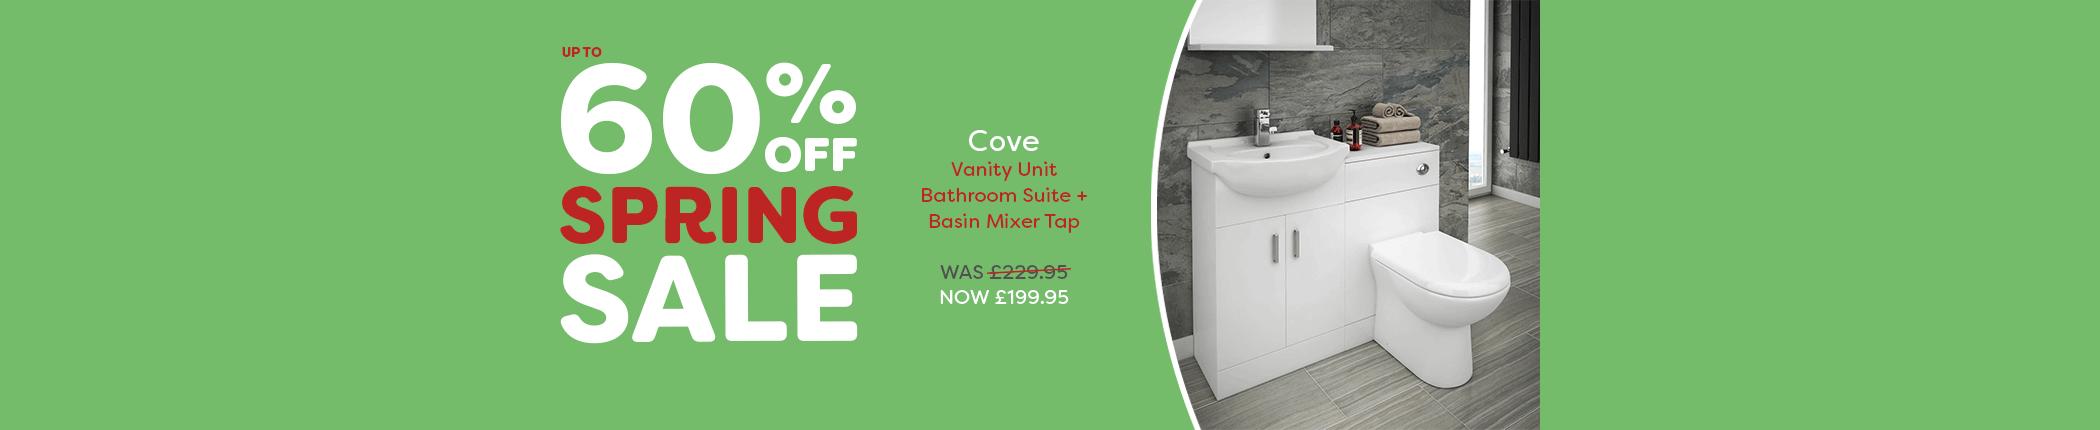 spring-sale-cove-vanity-unit-bathroom-suite-mar17-hbnr